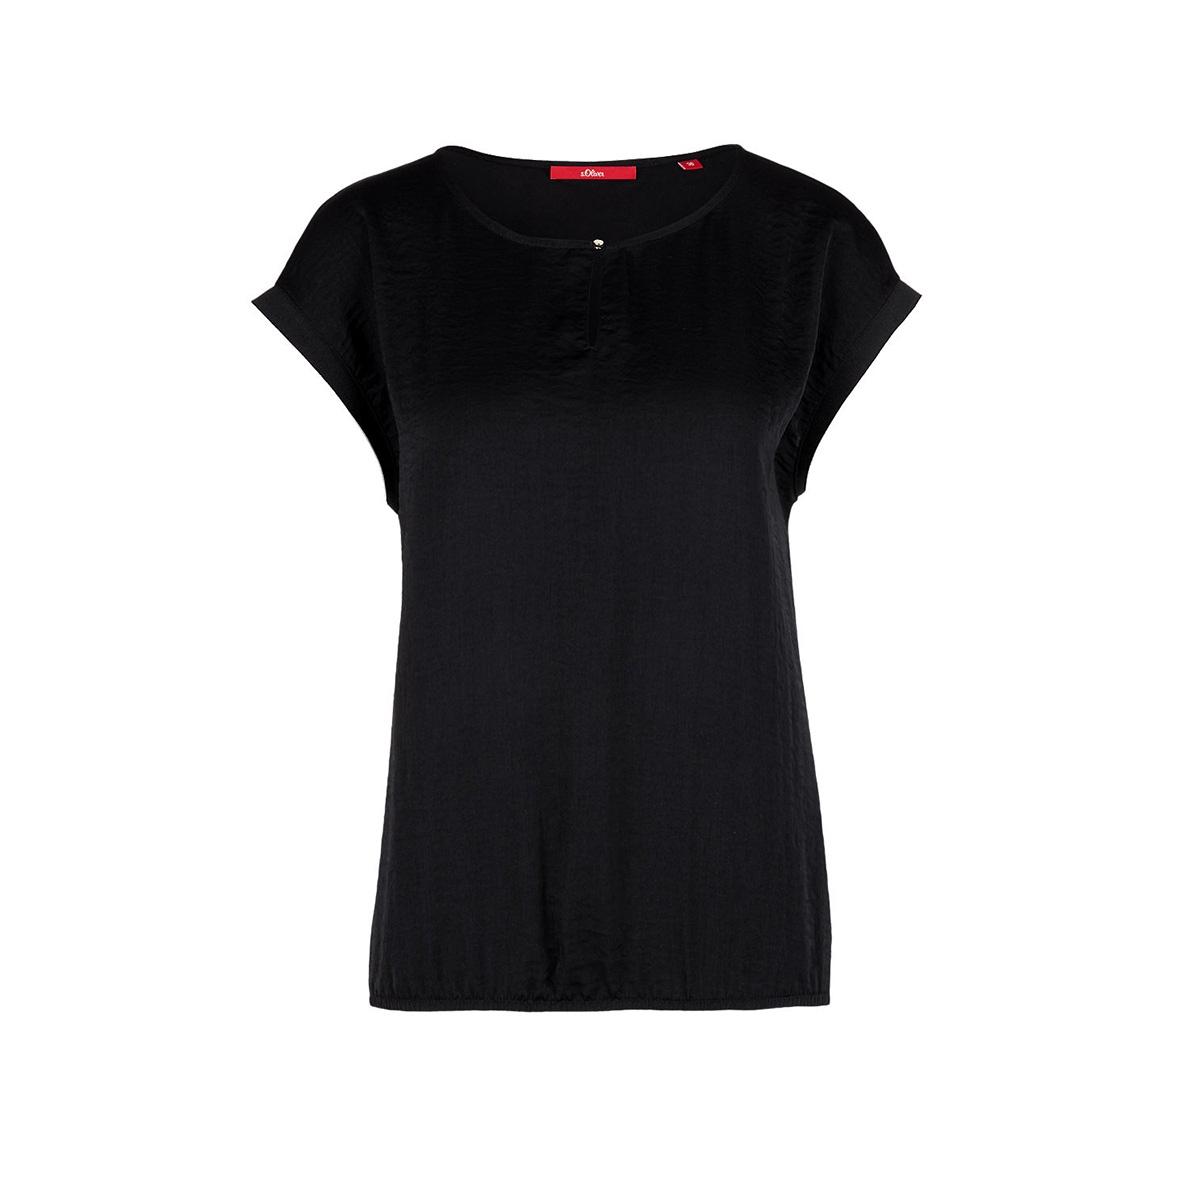 t shirt met glinsterende look 04899326024 s.oliver t-shirt 9999